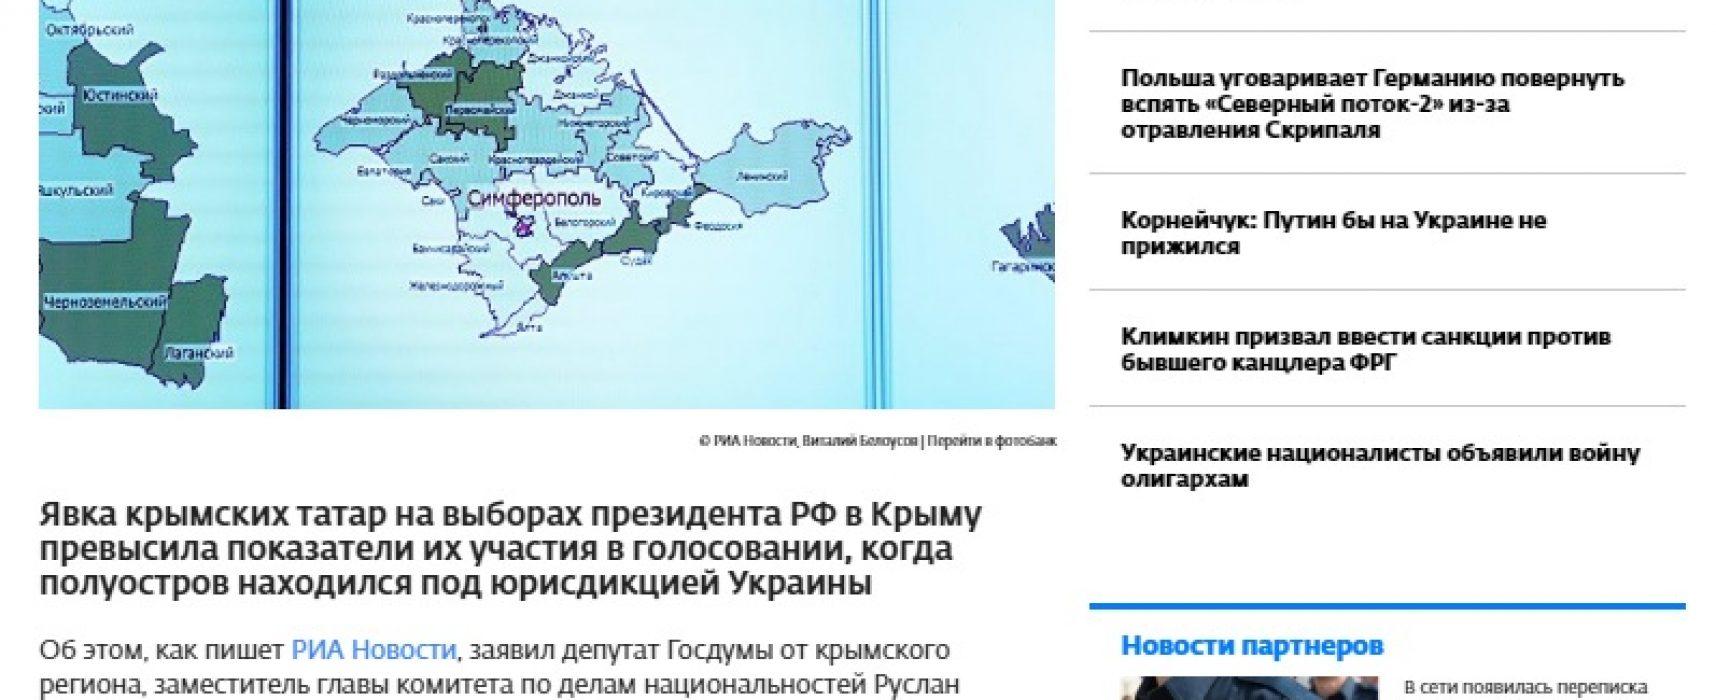 Fake: Les Tatars de Crimée ont voté plus activement qu'à l'époque du pouvoir ukrainien